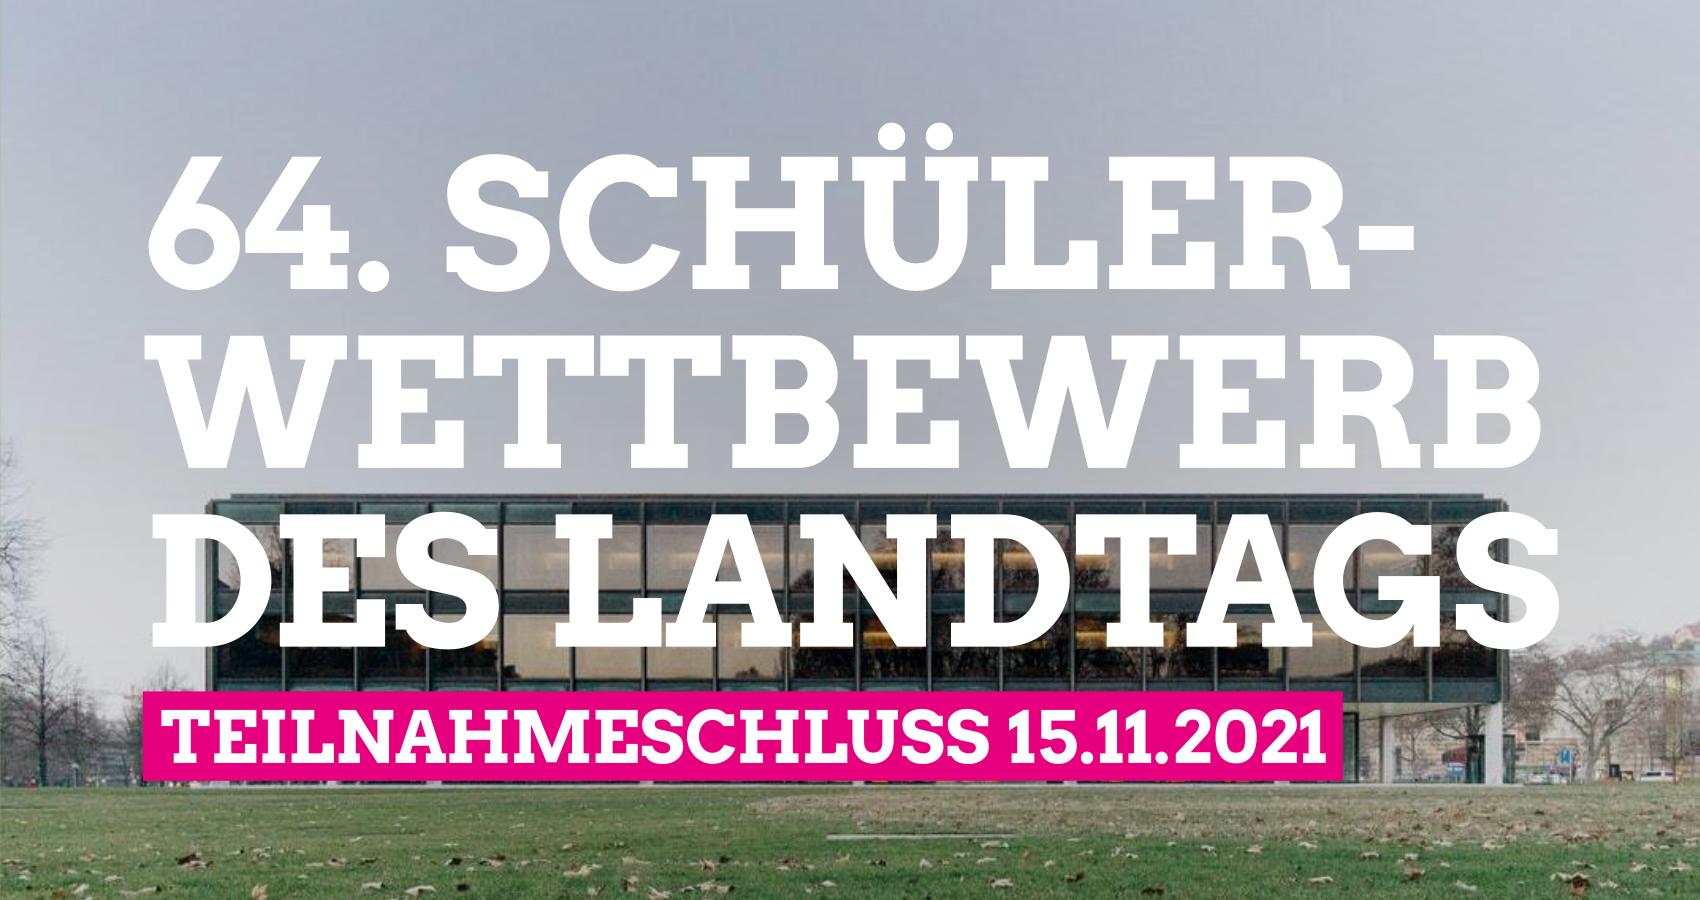 64. Schülerwettbewerb des Landtags gestartet: Niklas Nüssle MdL lädt zum Mitmachen ein